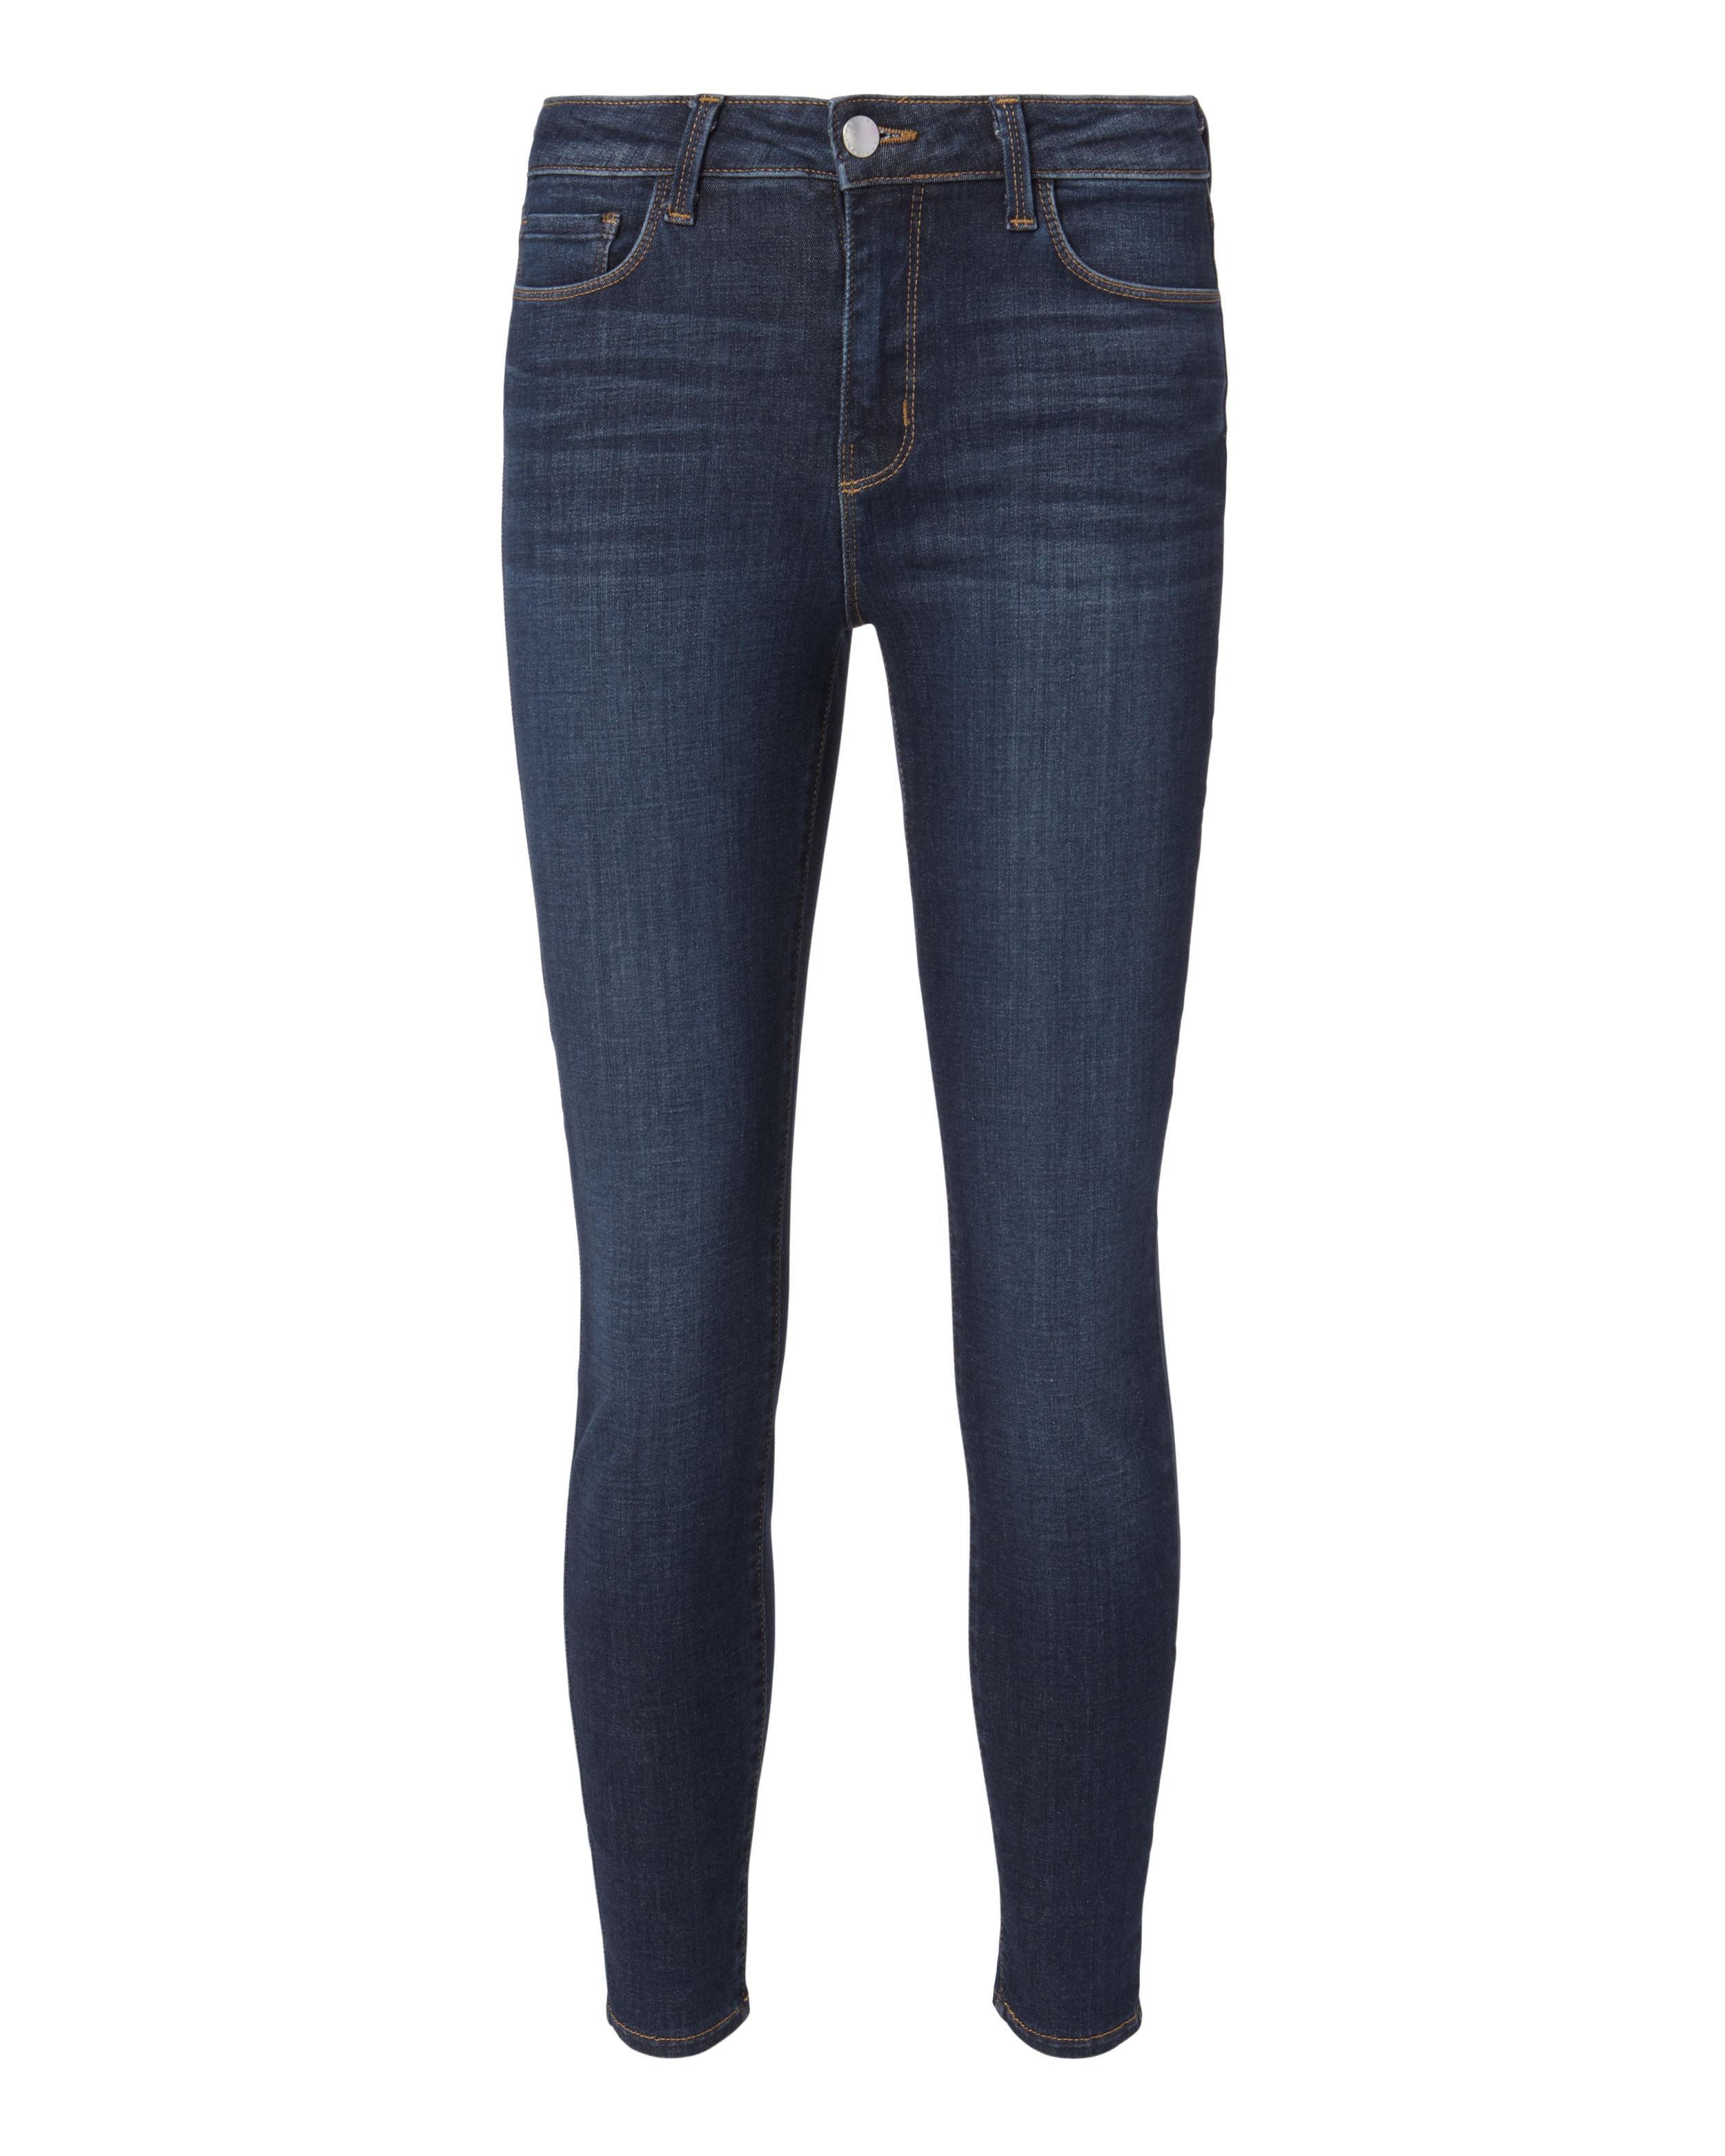 L AGENCE DENIM Margot Prime Vintage High-Rise Ankle Skinny Jeans Vintage Blue Denim